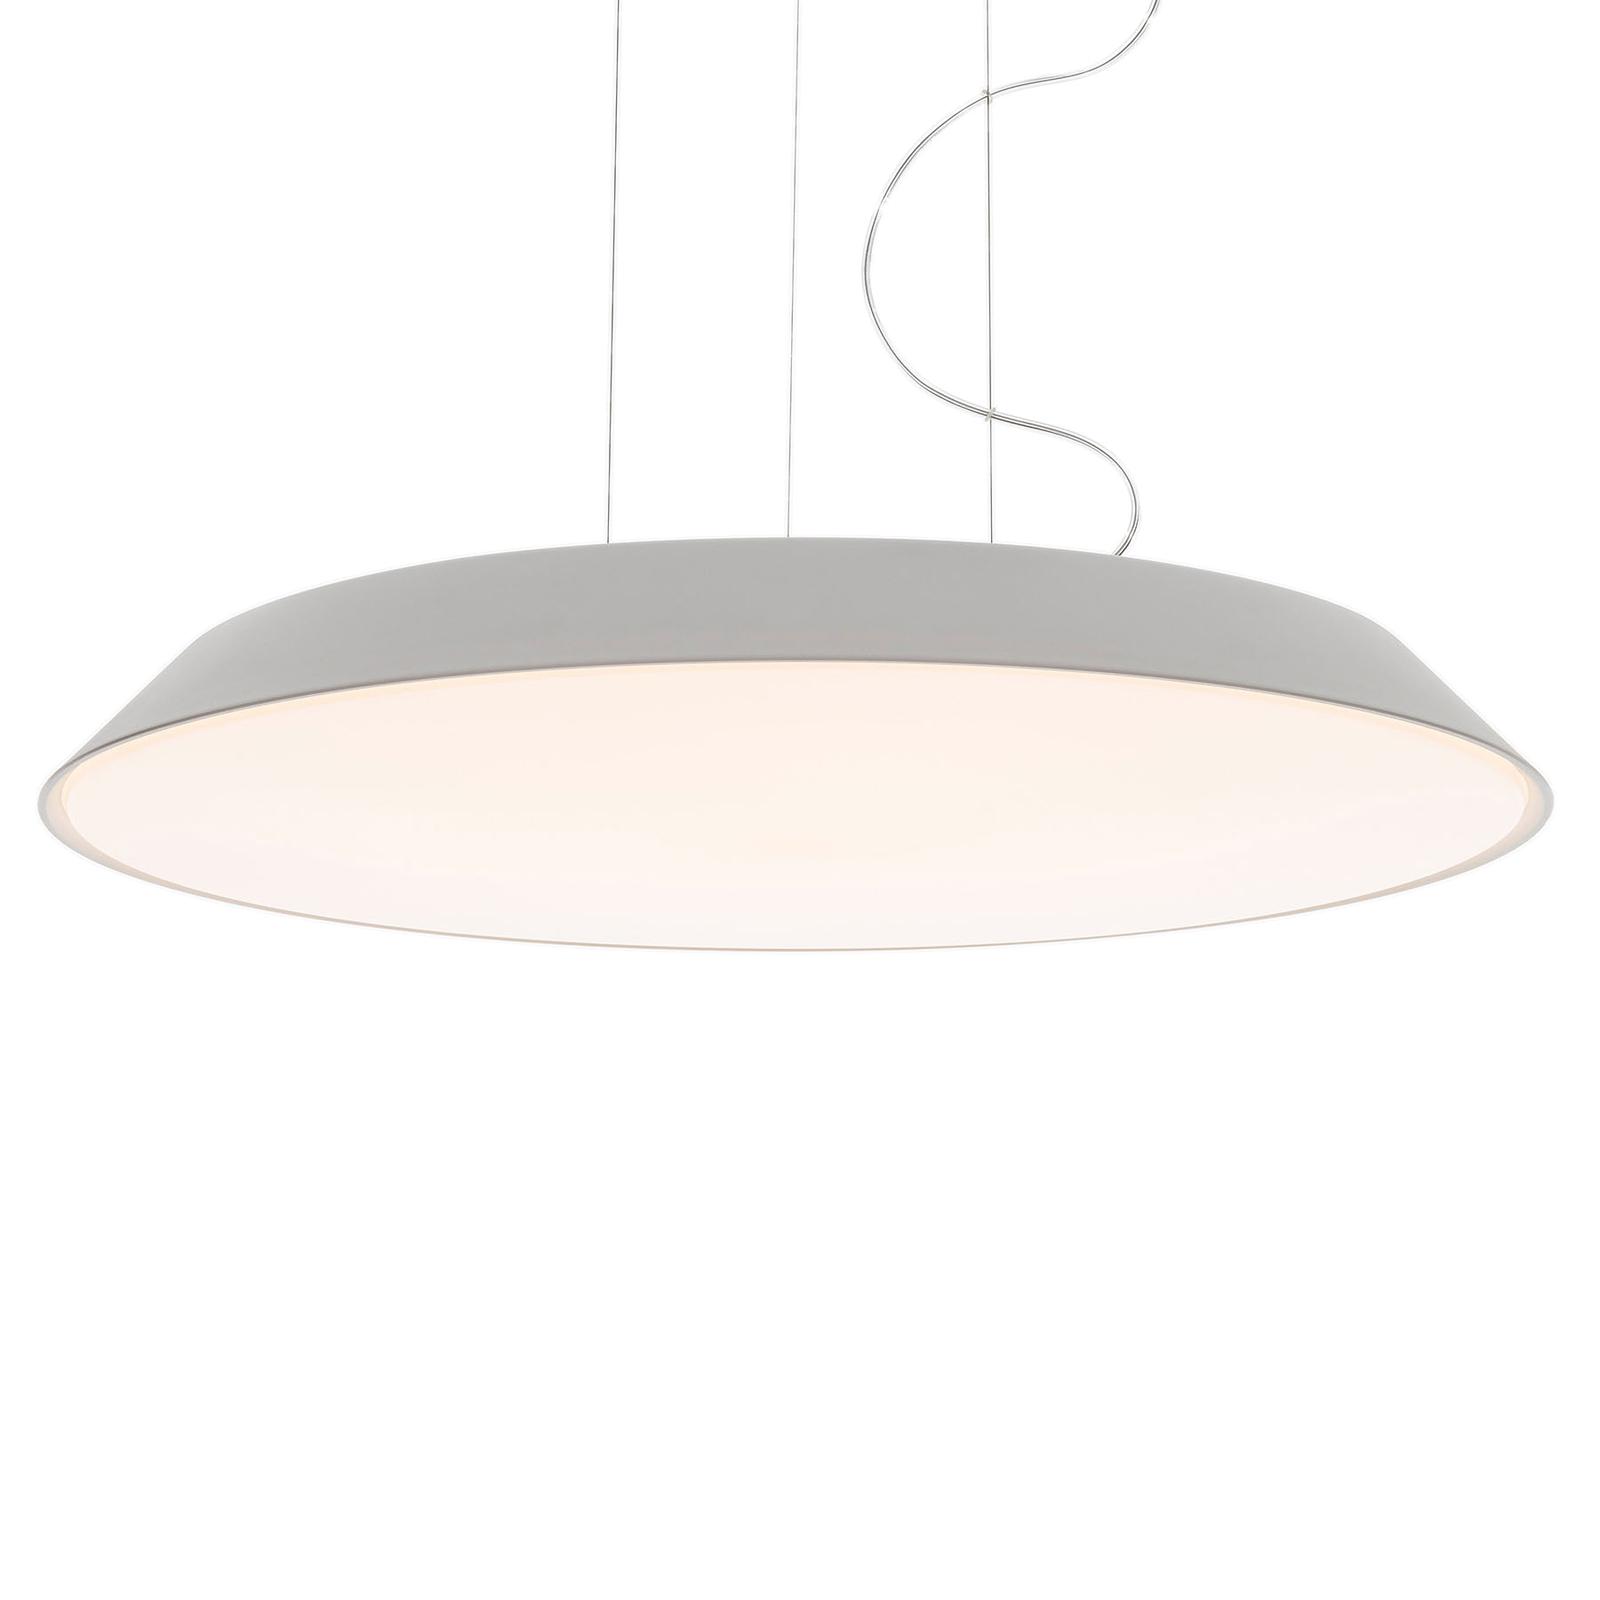 Artemide Febe LED-hengelampe 3 000 K hvit